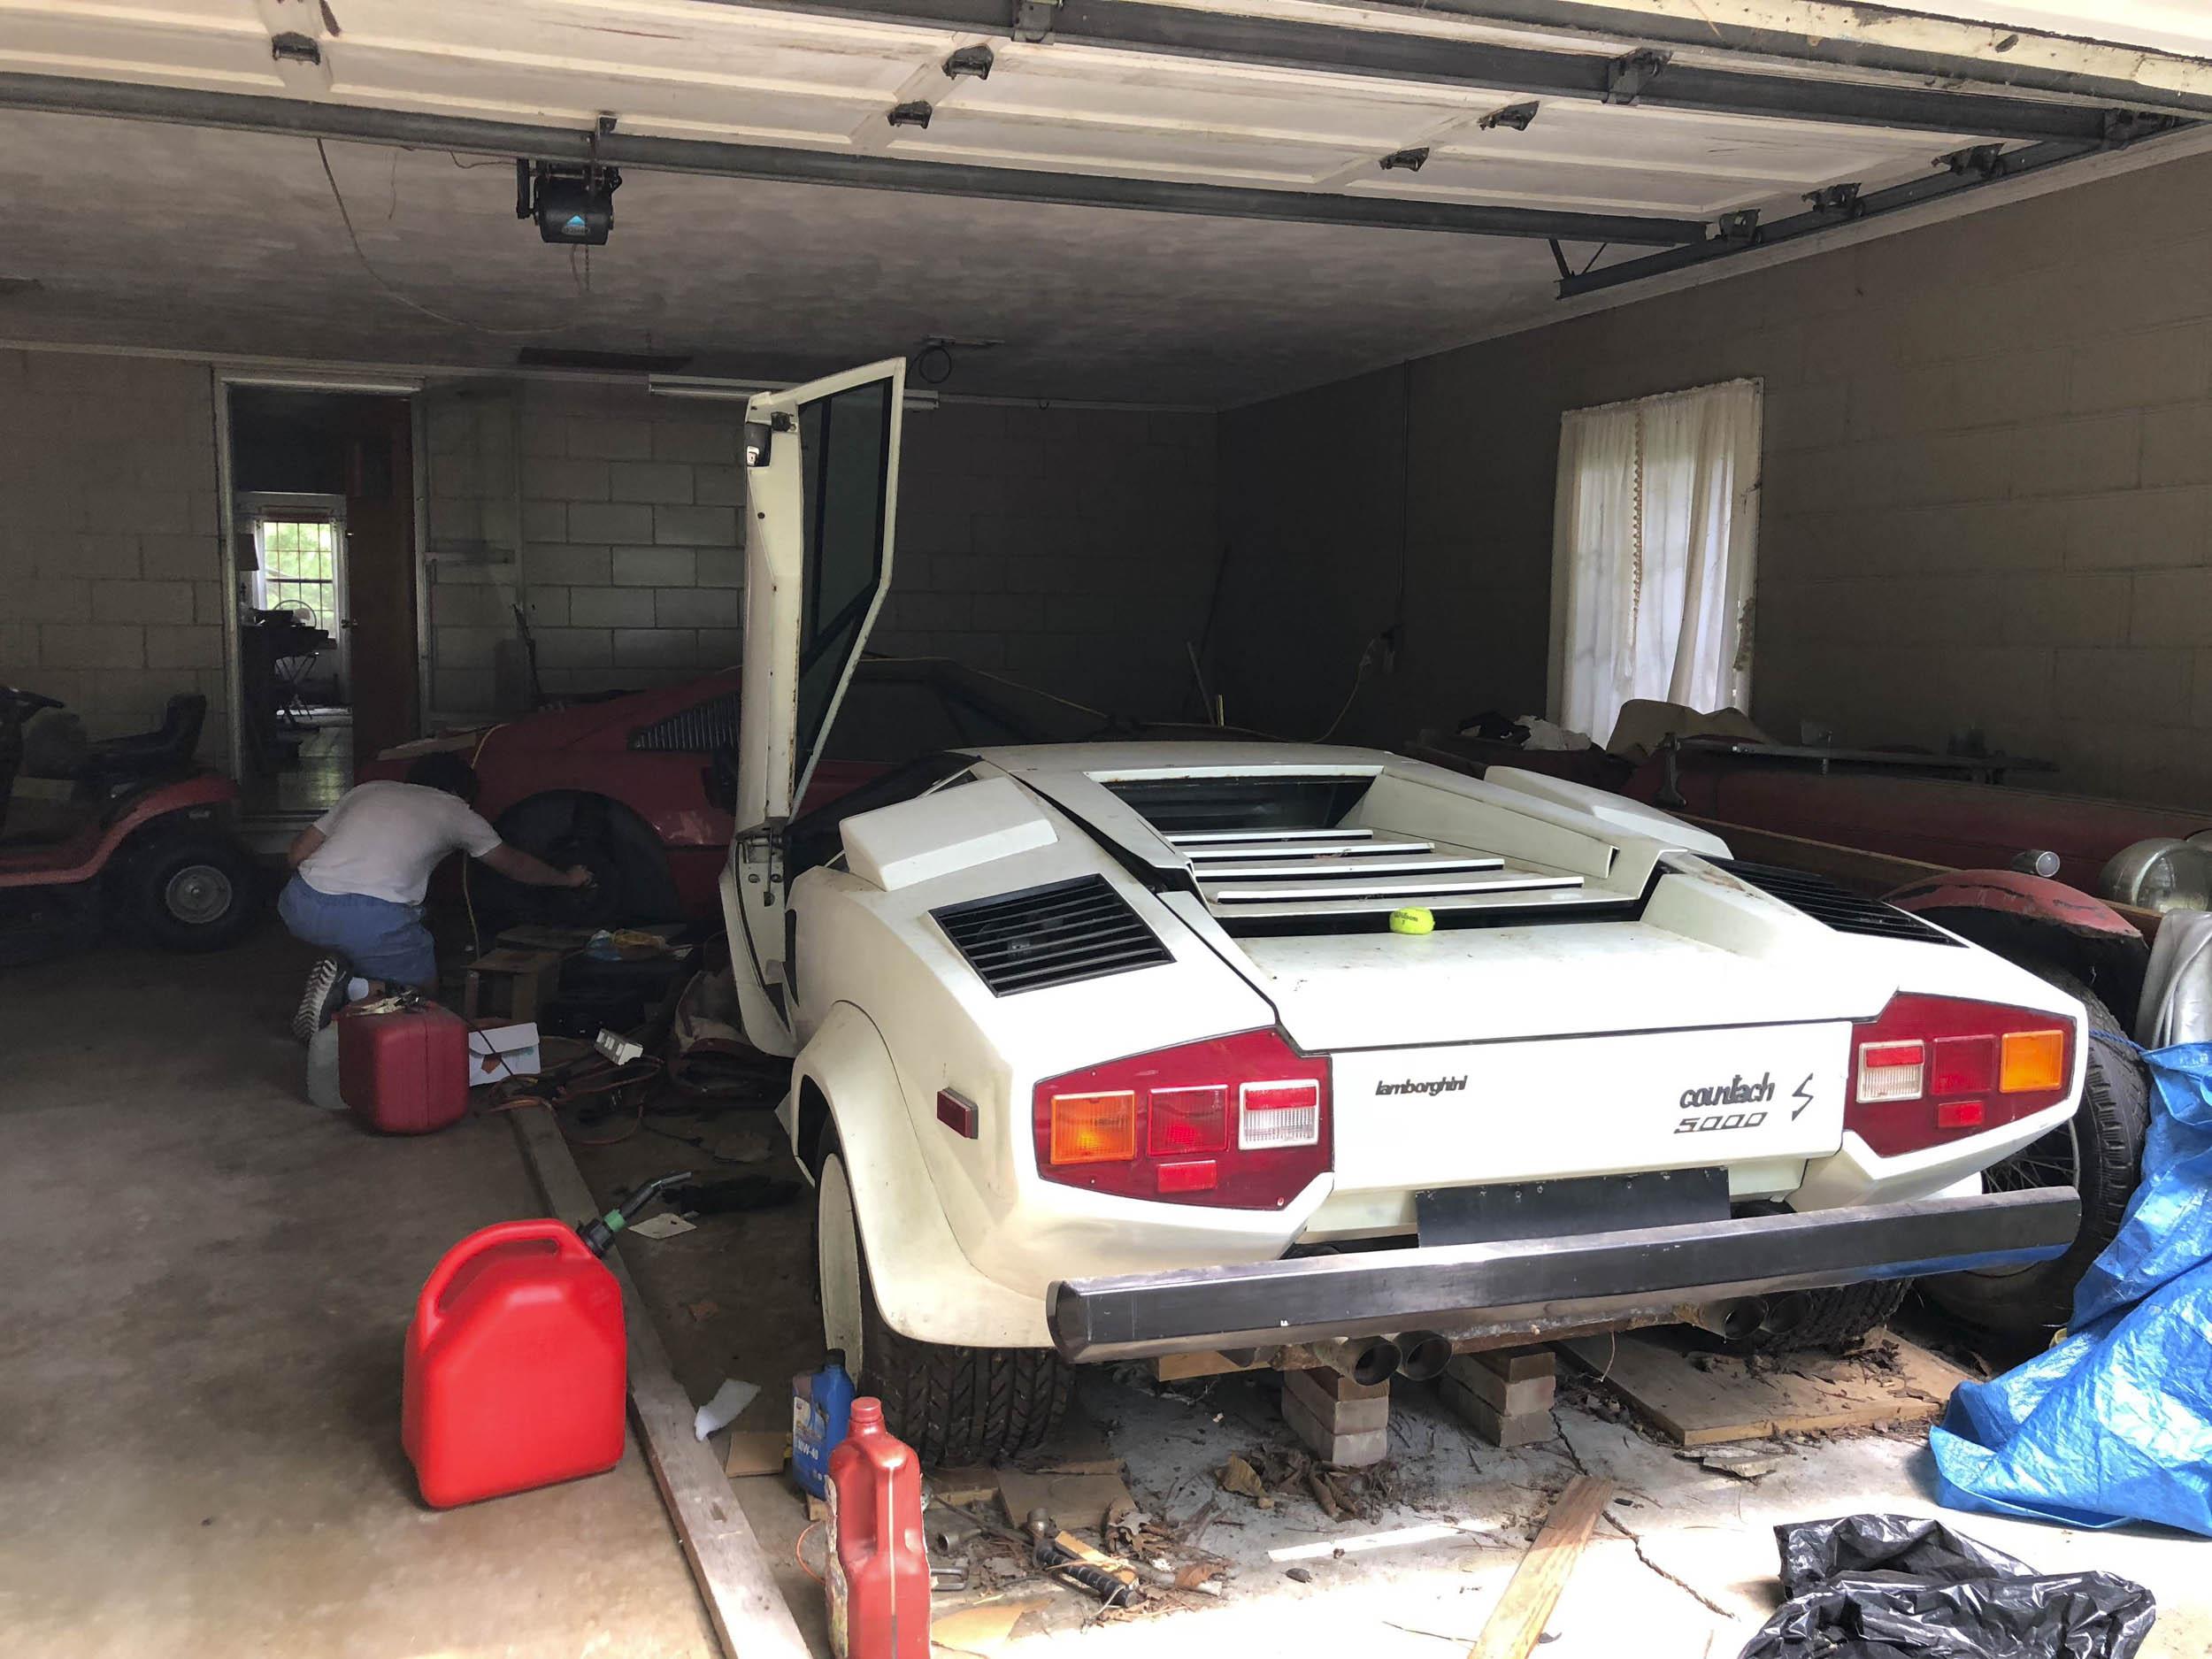 Lamborghini Countach garage find